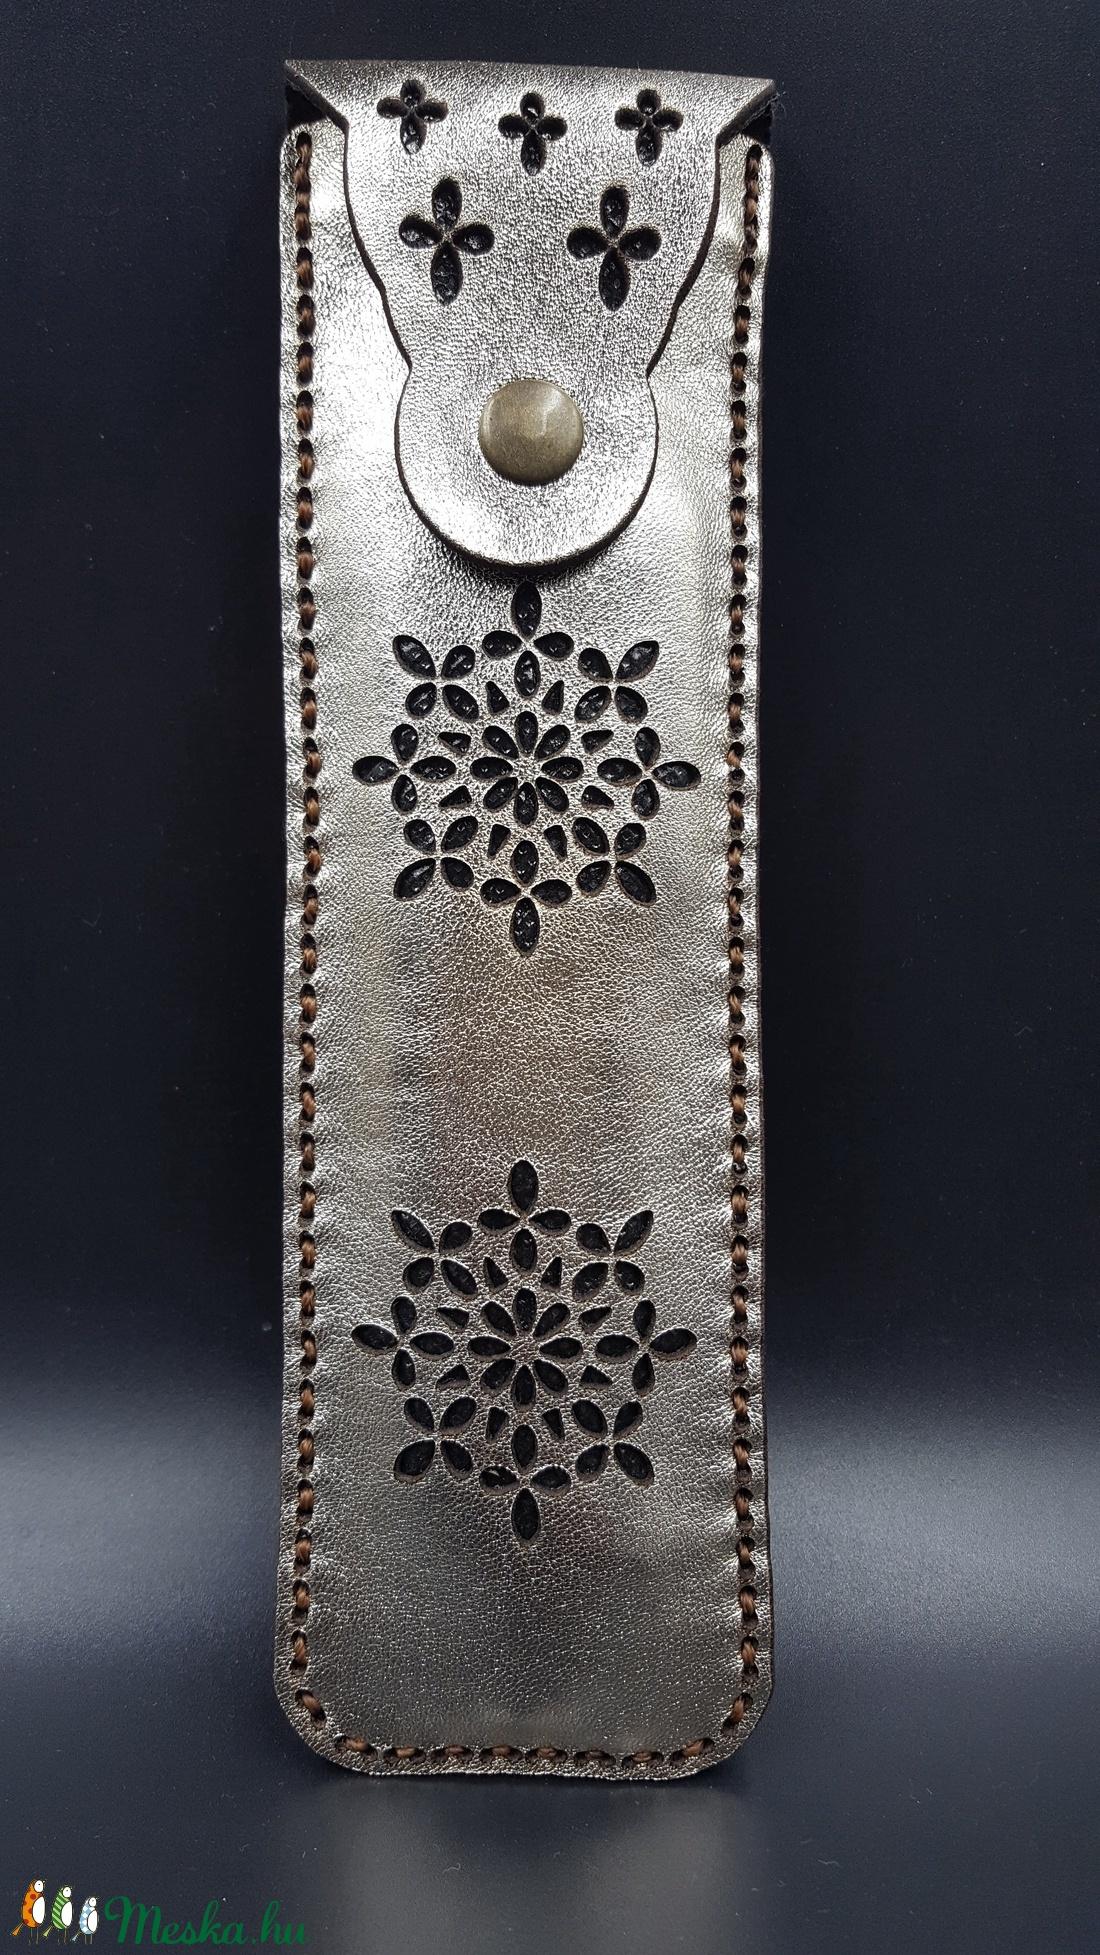 Valódi Bőr arany színű vágott virág mintás tolltartó (Sysssy) - Meska.hu